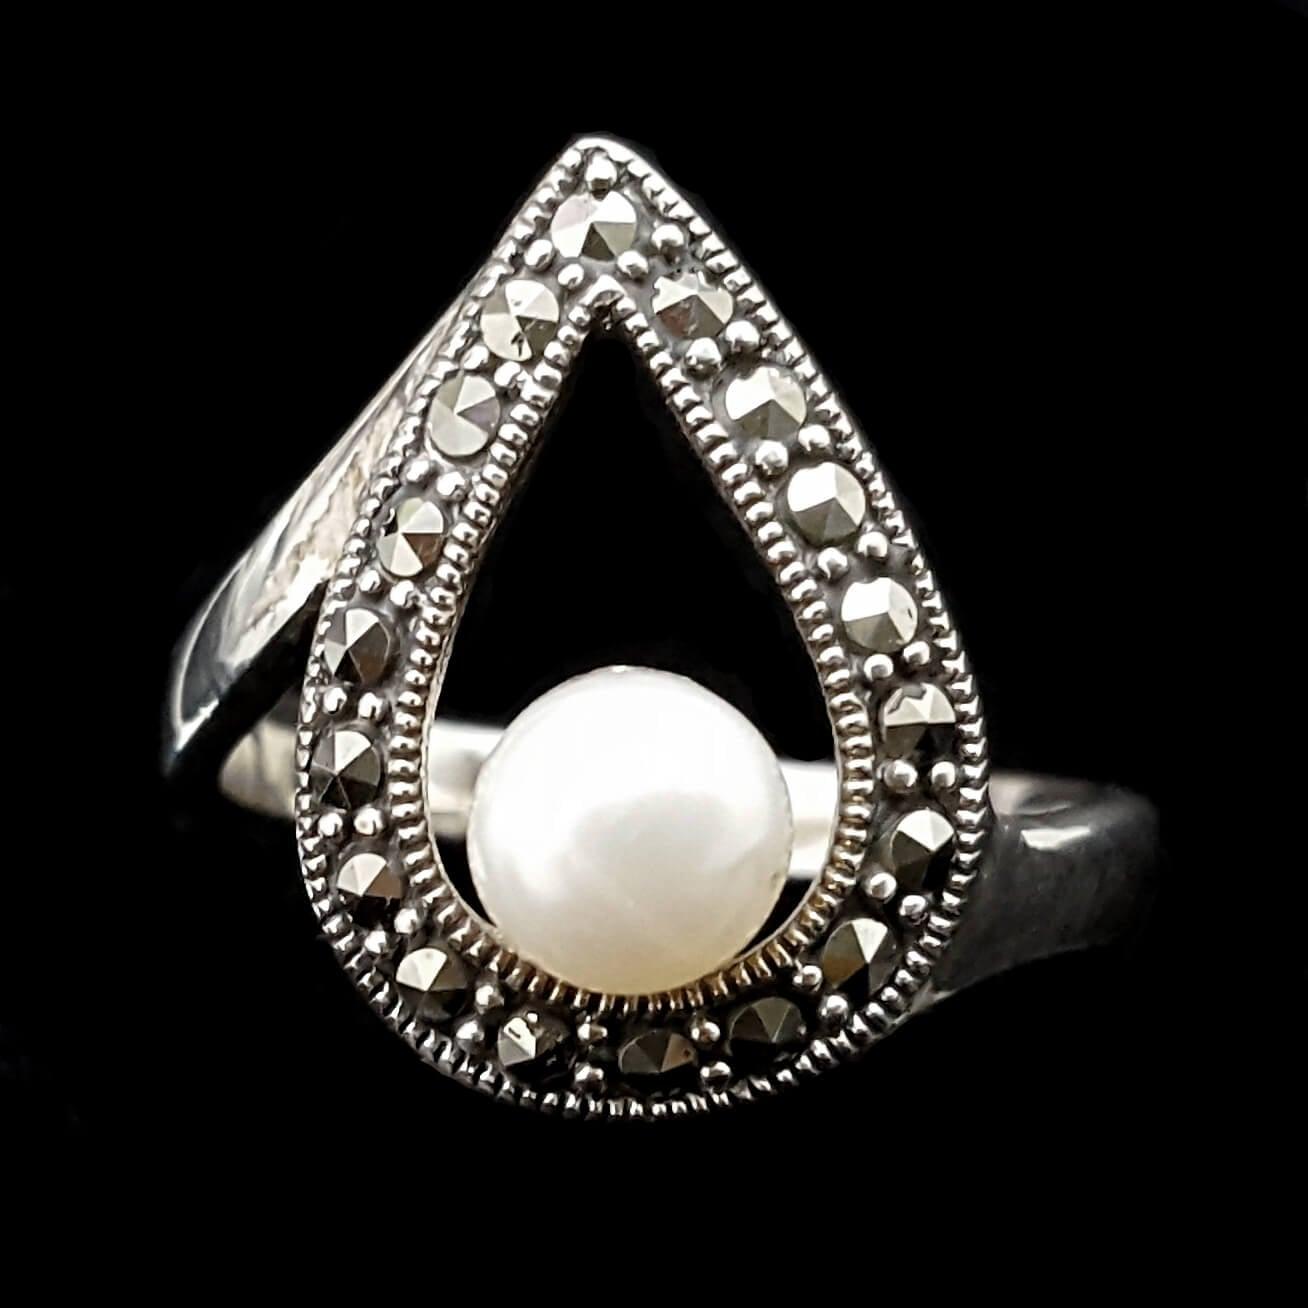 טבעת כסף משובצת מרקזטים ופנינה לבנה RG1471   תכשיטי כסף 925   טבעות כסף